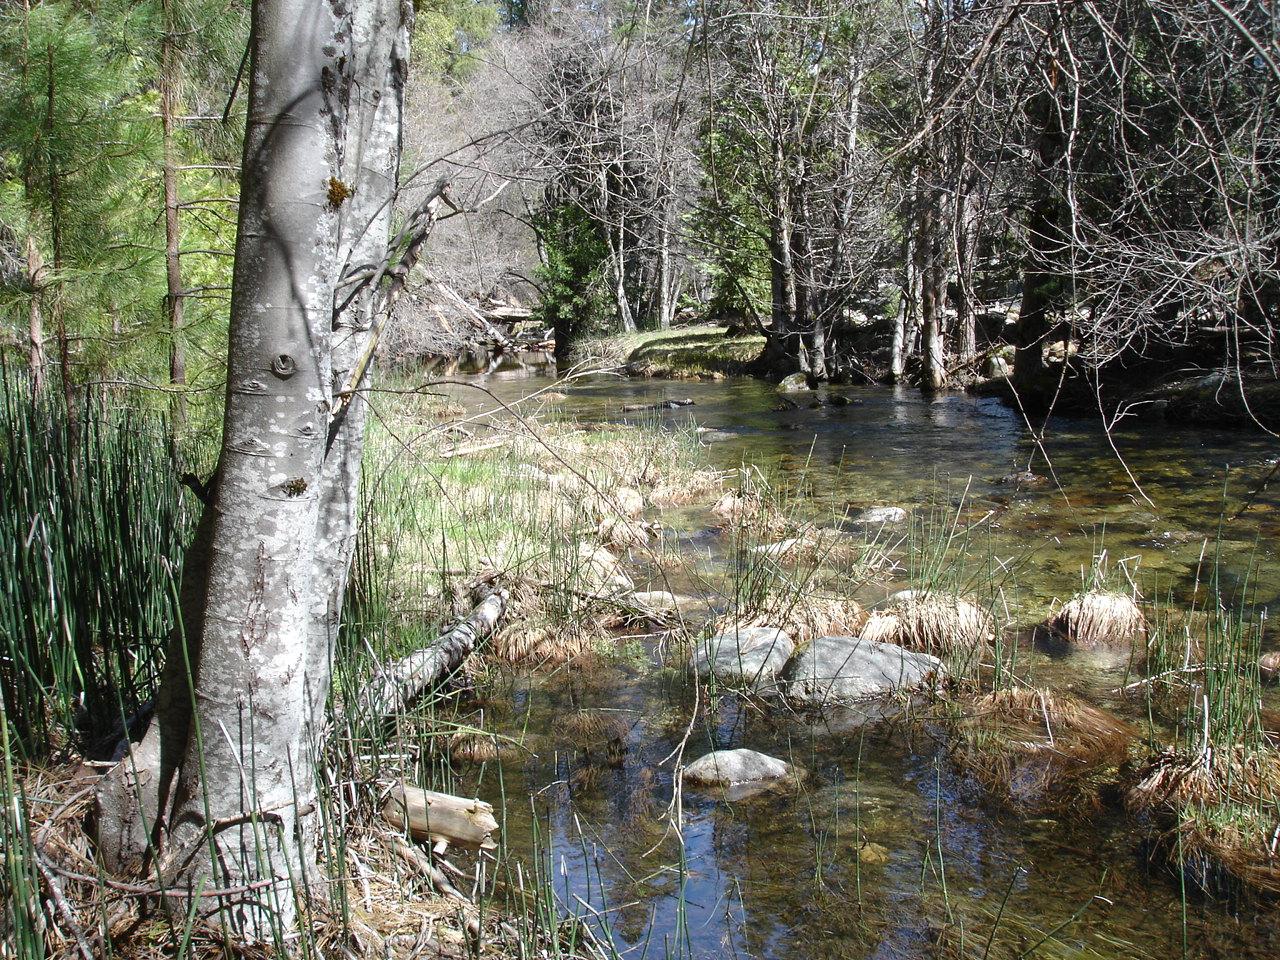 Chilnualna falls creek